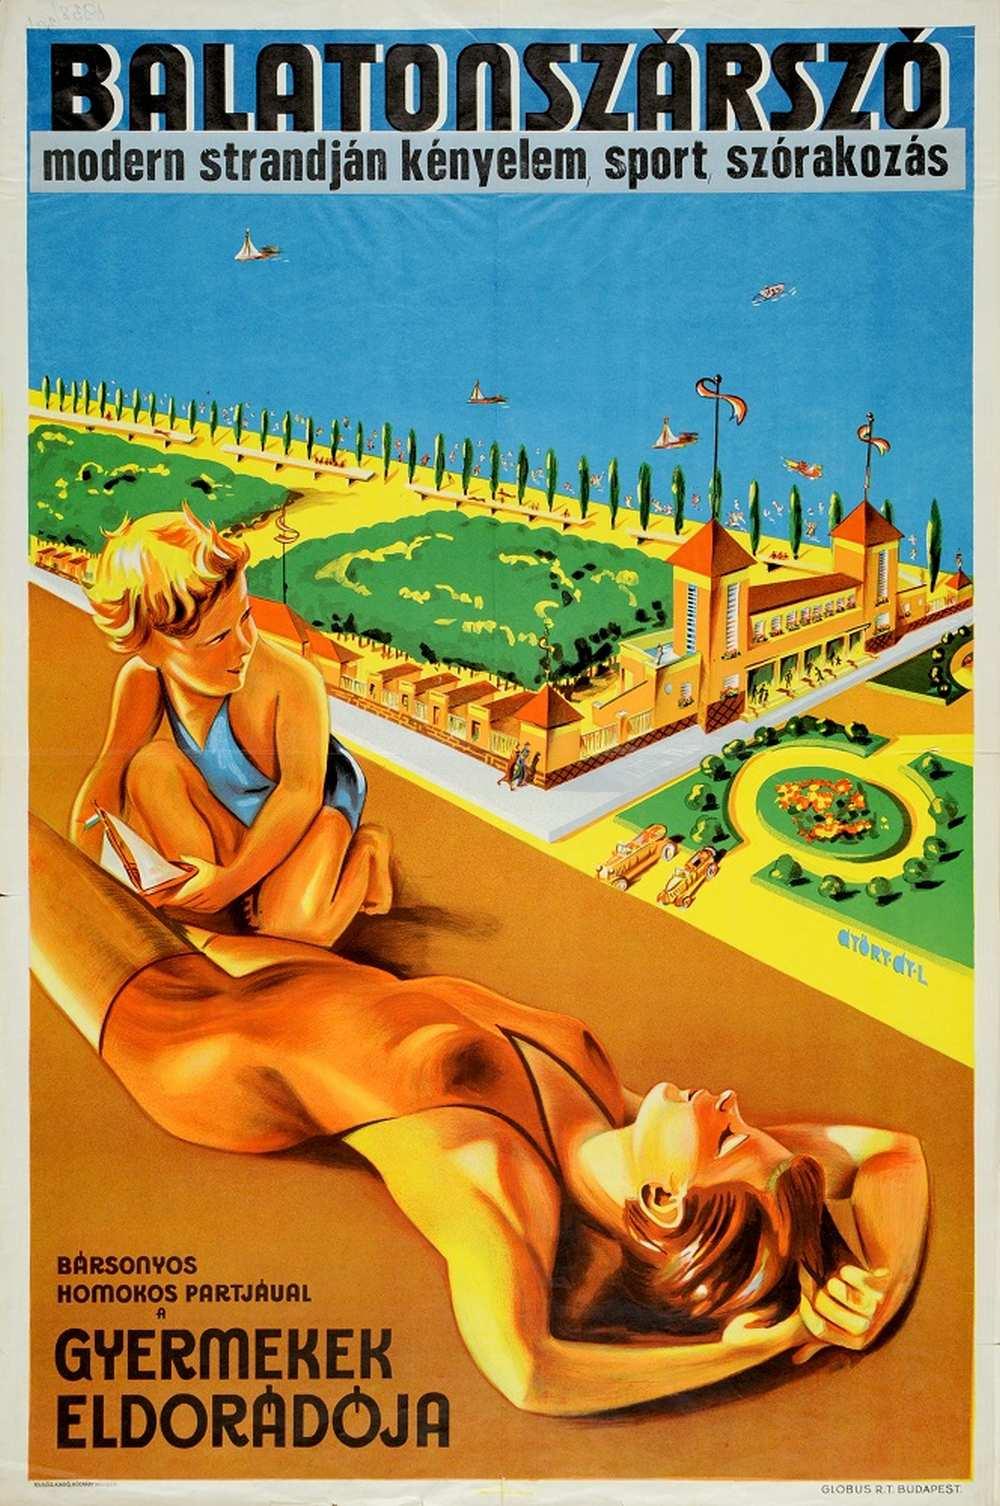 Győry Gy. László: Balatonszárszó modern strandján kényelem, sport, szórakozás (1938). Jelzet: PKG.1938/394 – Térkép-, Plakát- és Kisnyomtatványtár http://nektar.oszk.hu/hu/manifestation/2864457